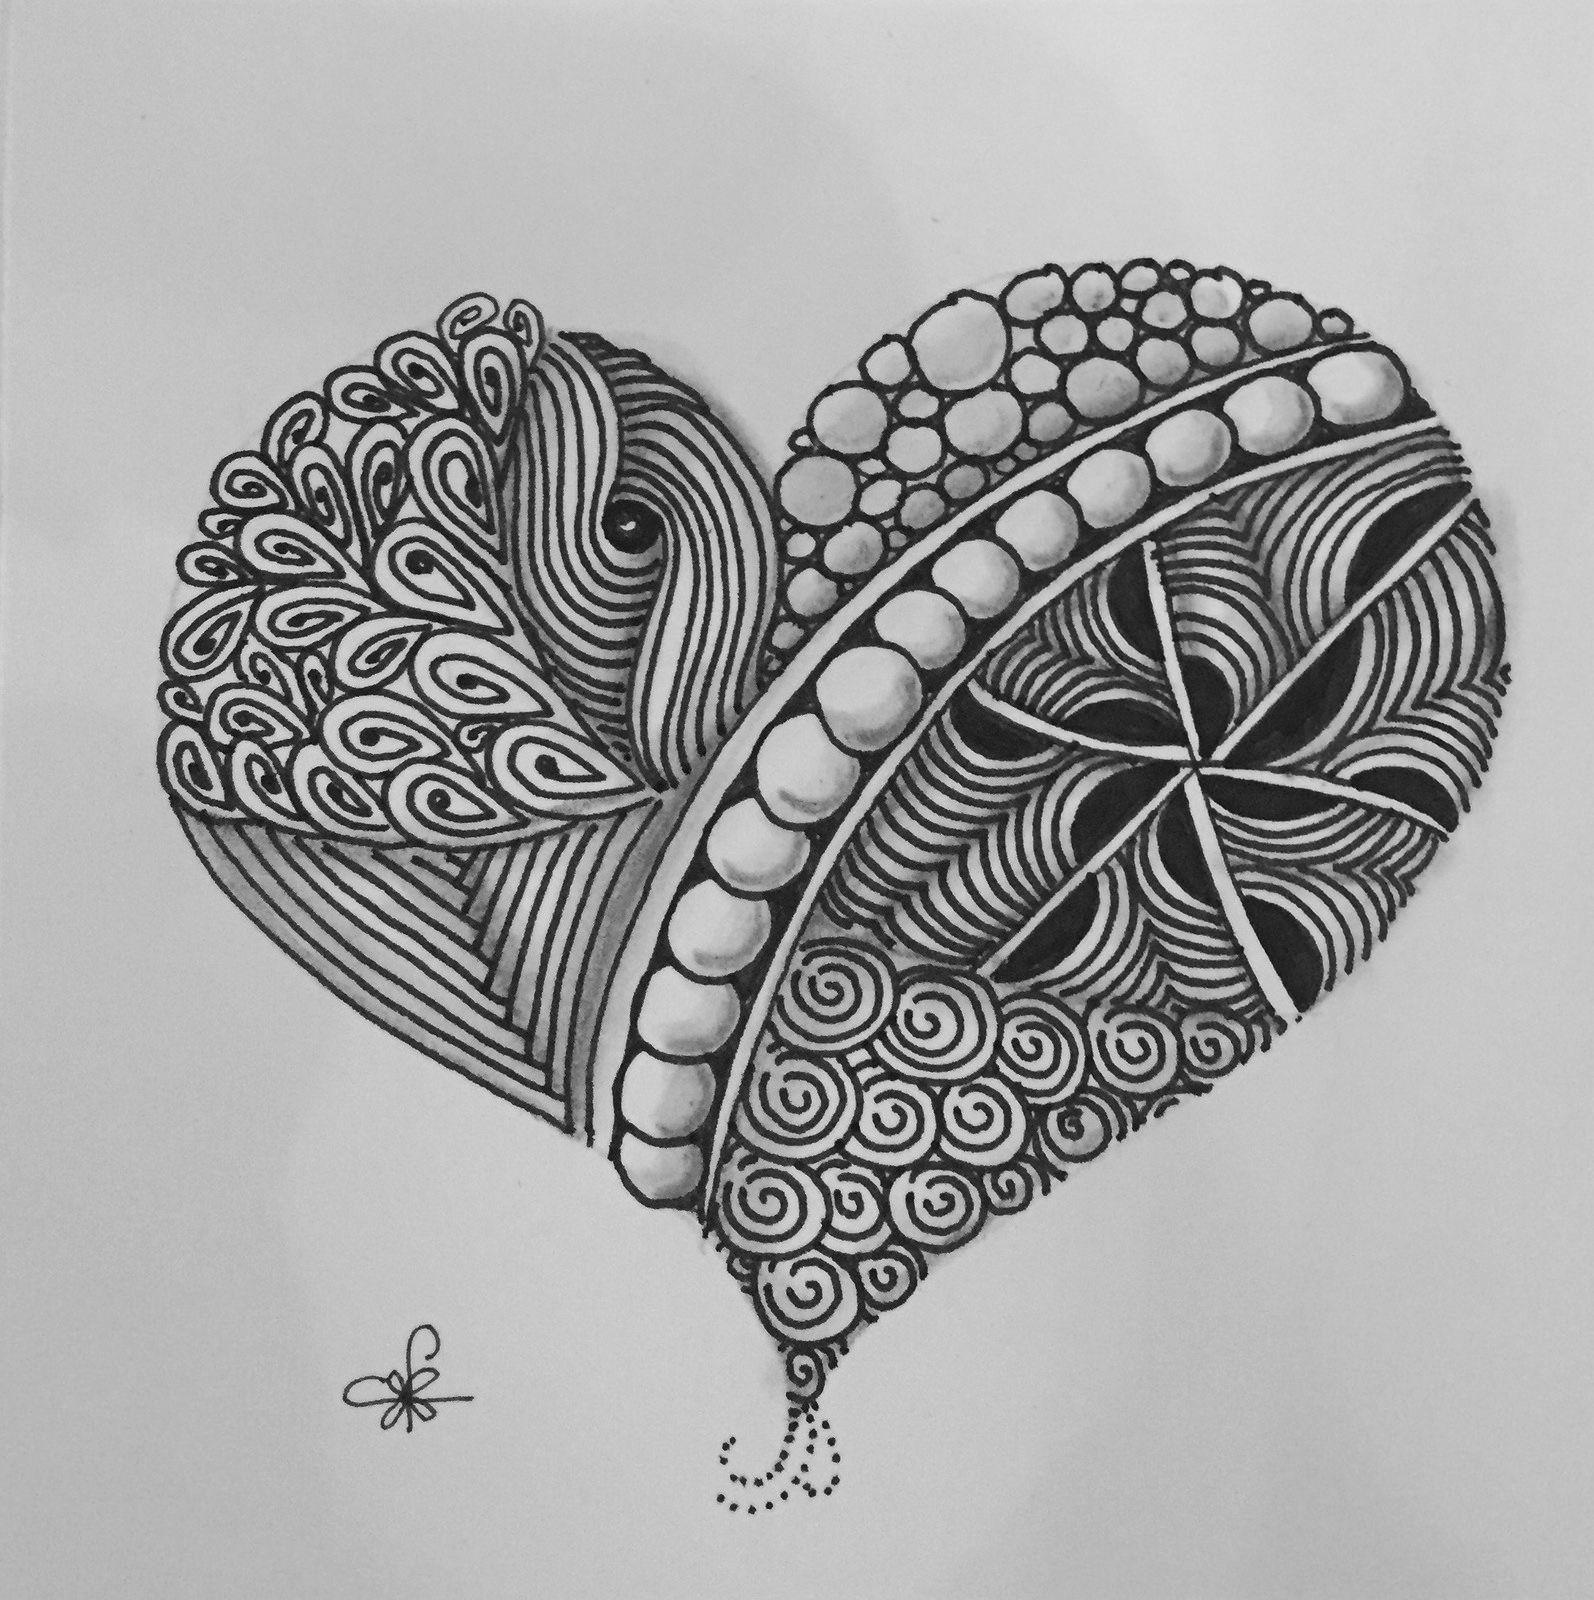 Zentangle Heart by ArtSchmidt on Etsy |Zentangle Heart Graphics